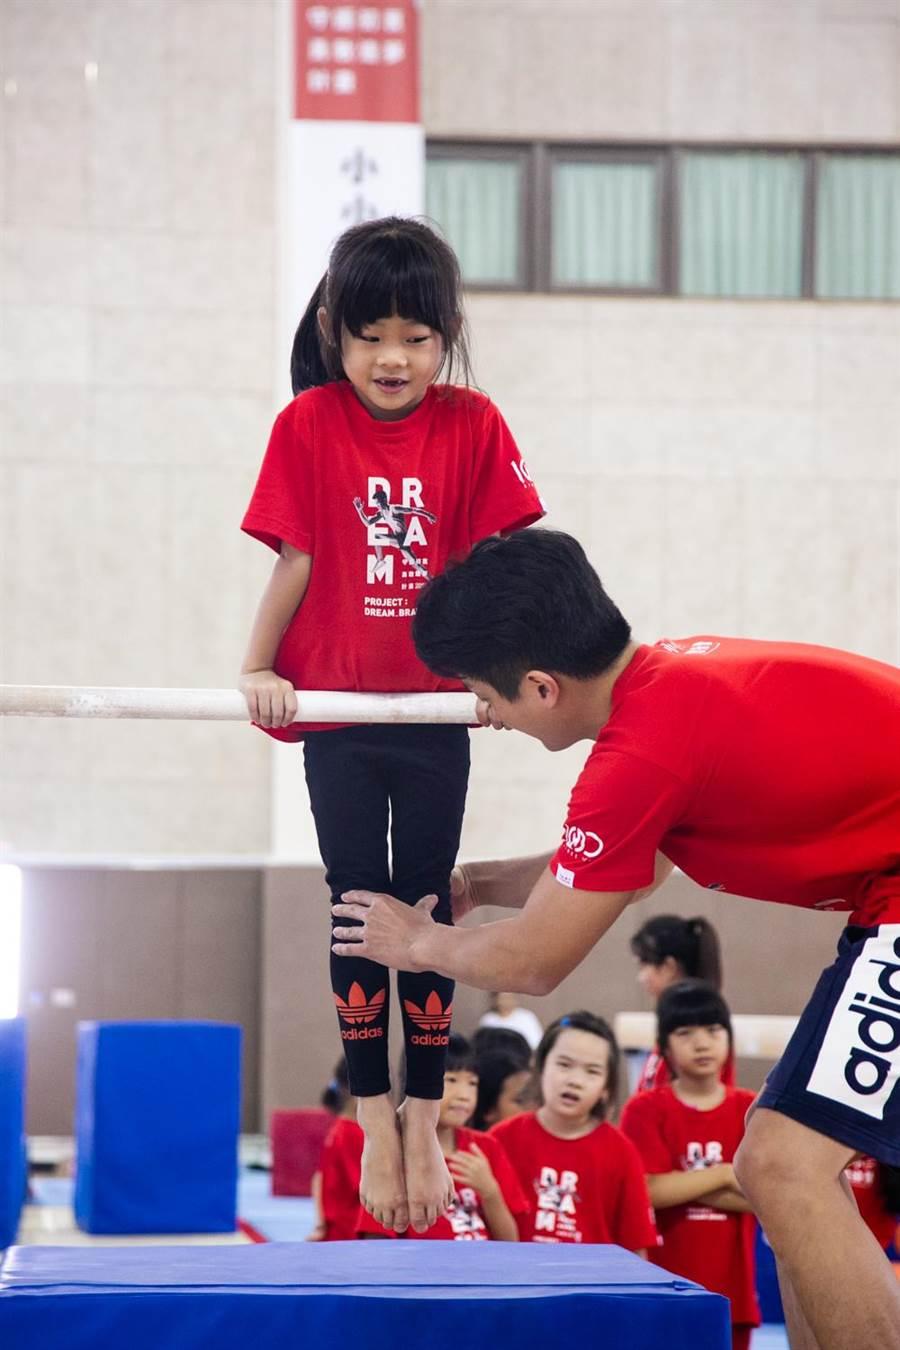 國家隊教練指導小小選手們。(華南銀行提供)